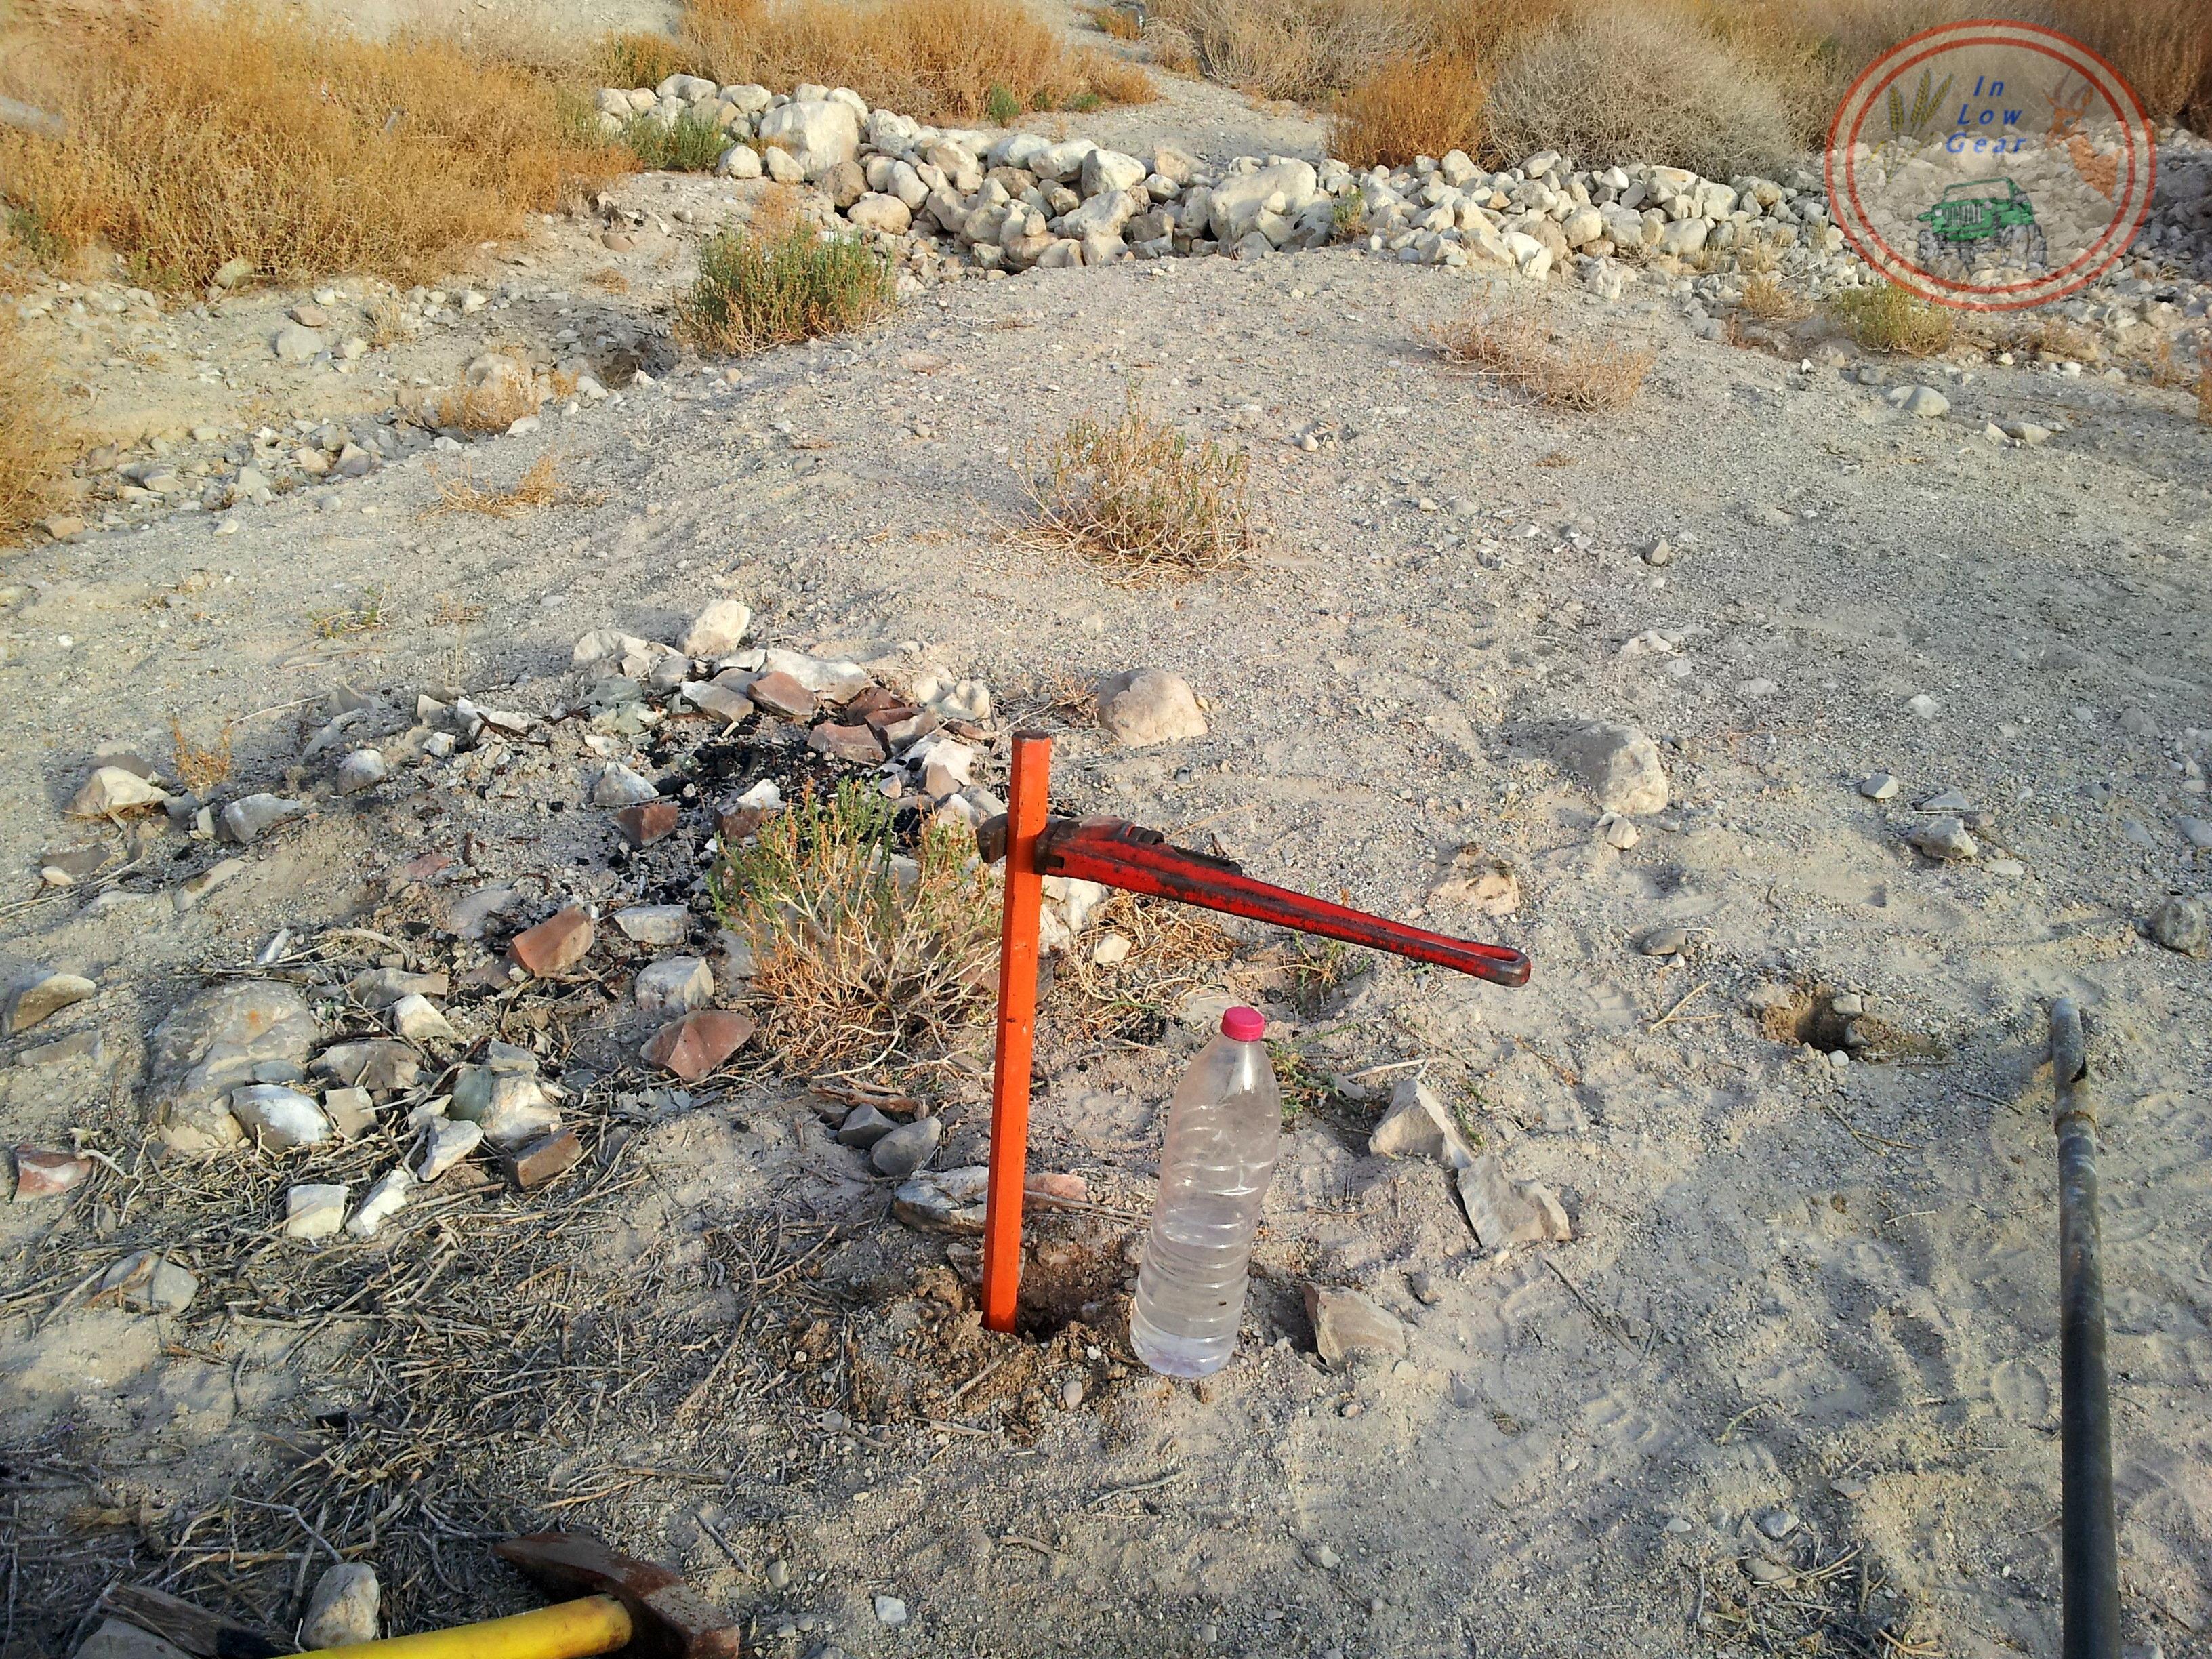 סדנת מחקר 2 פרמקלצ'ר לילדים: מים במדבר, הרחבת טווח ימי לחות קרקע בתנאי מדבר.